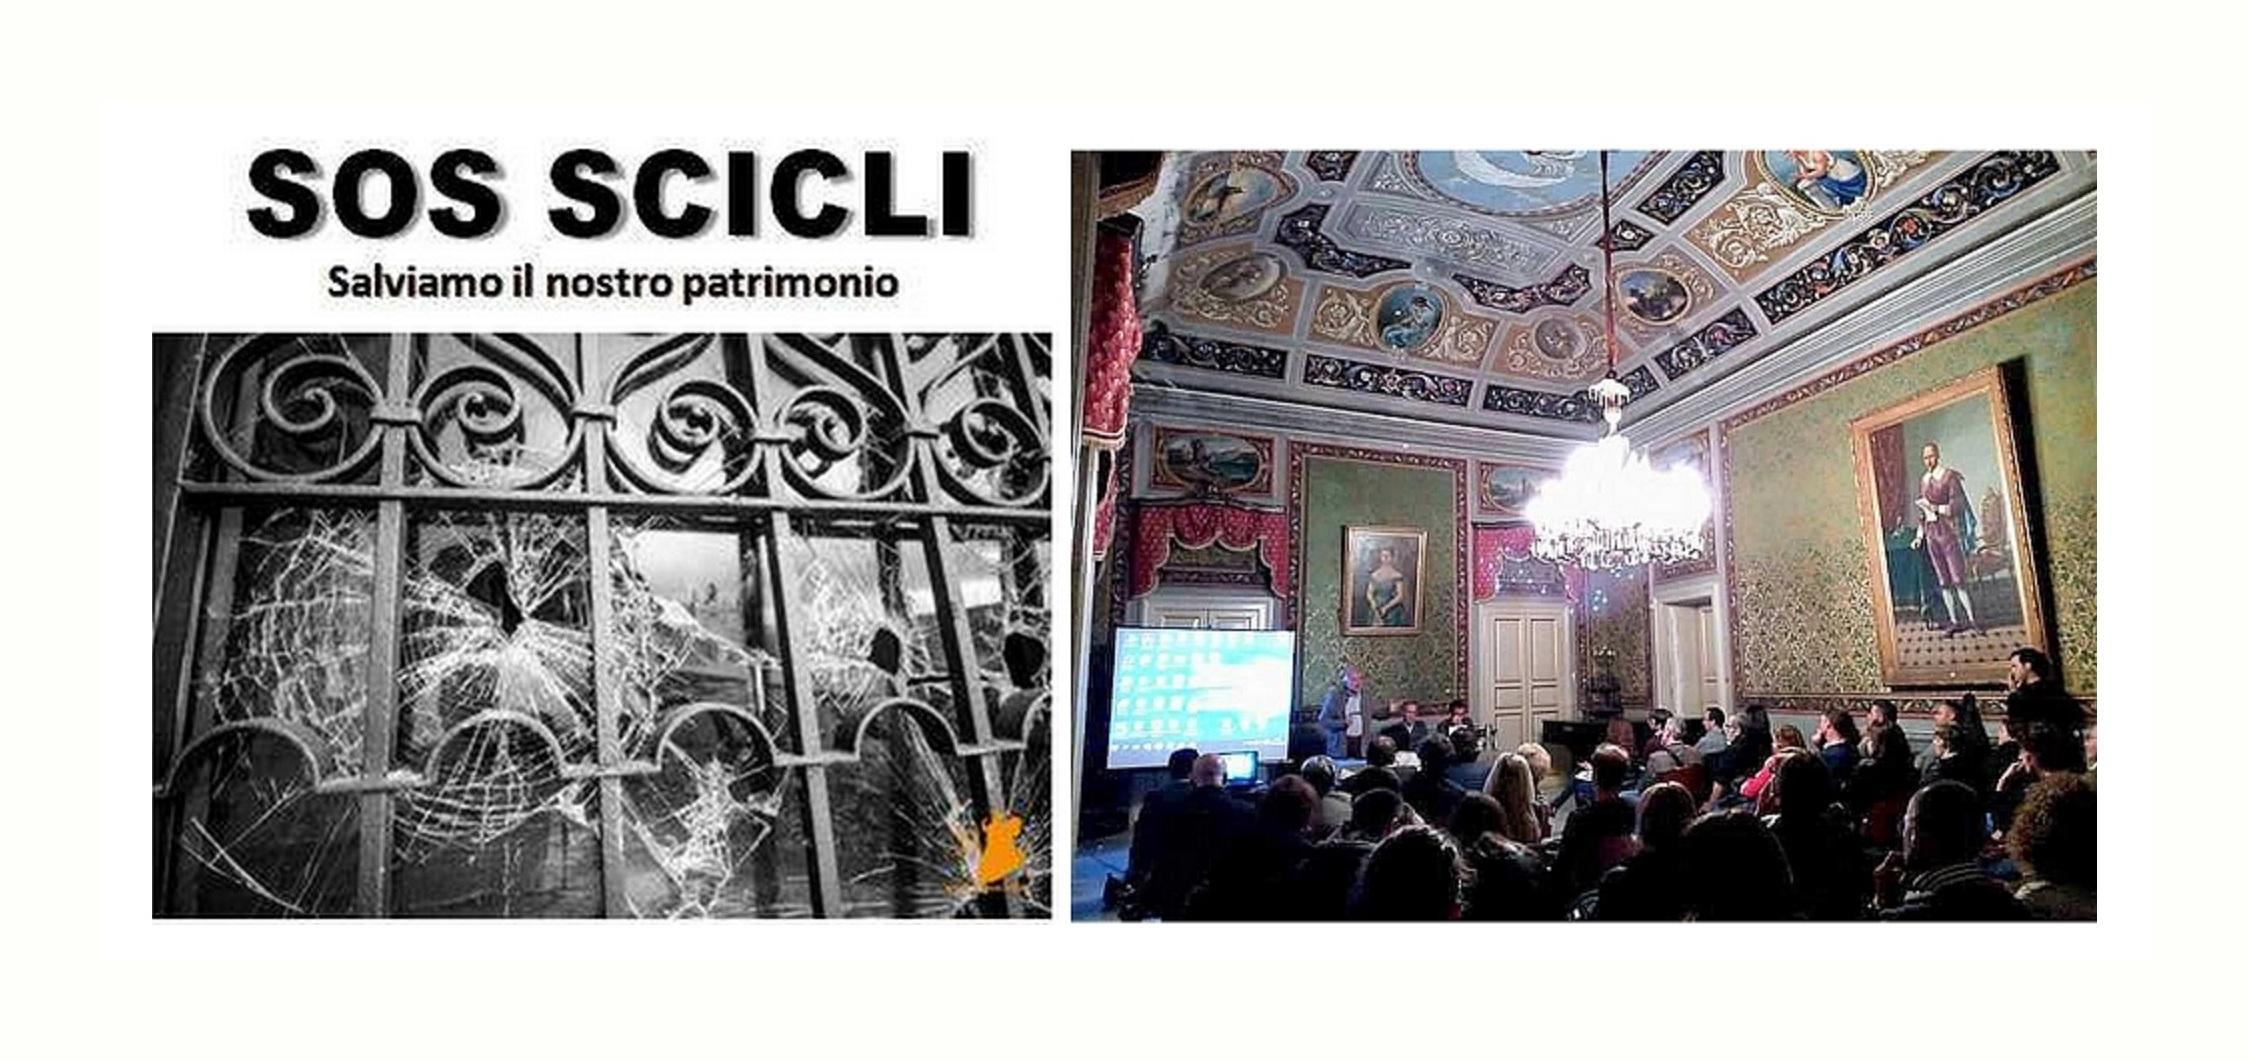 SOS Scicli salviamo il nostro patrimonio